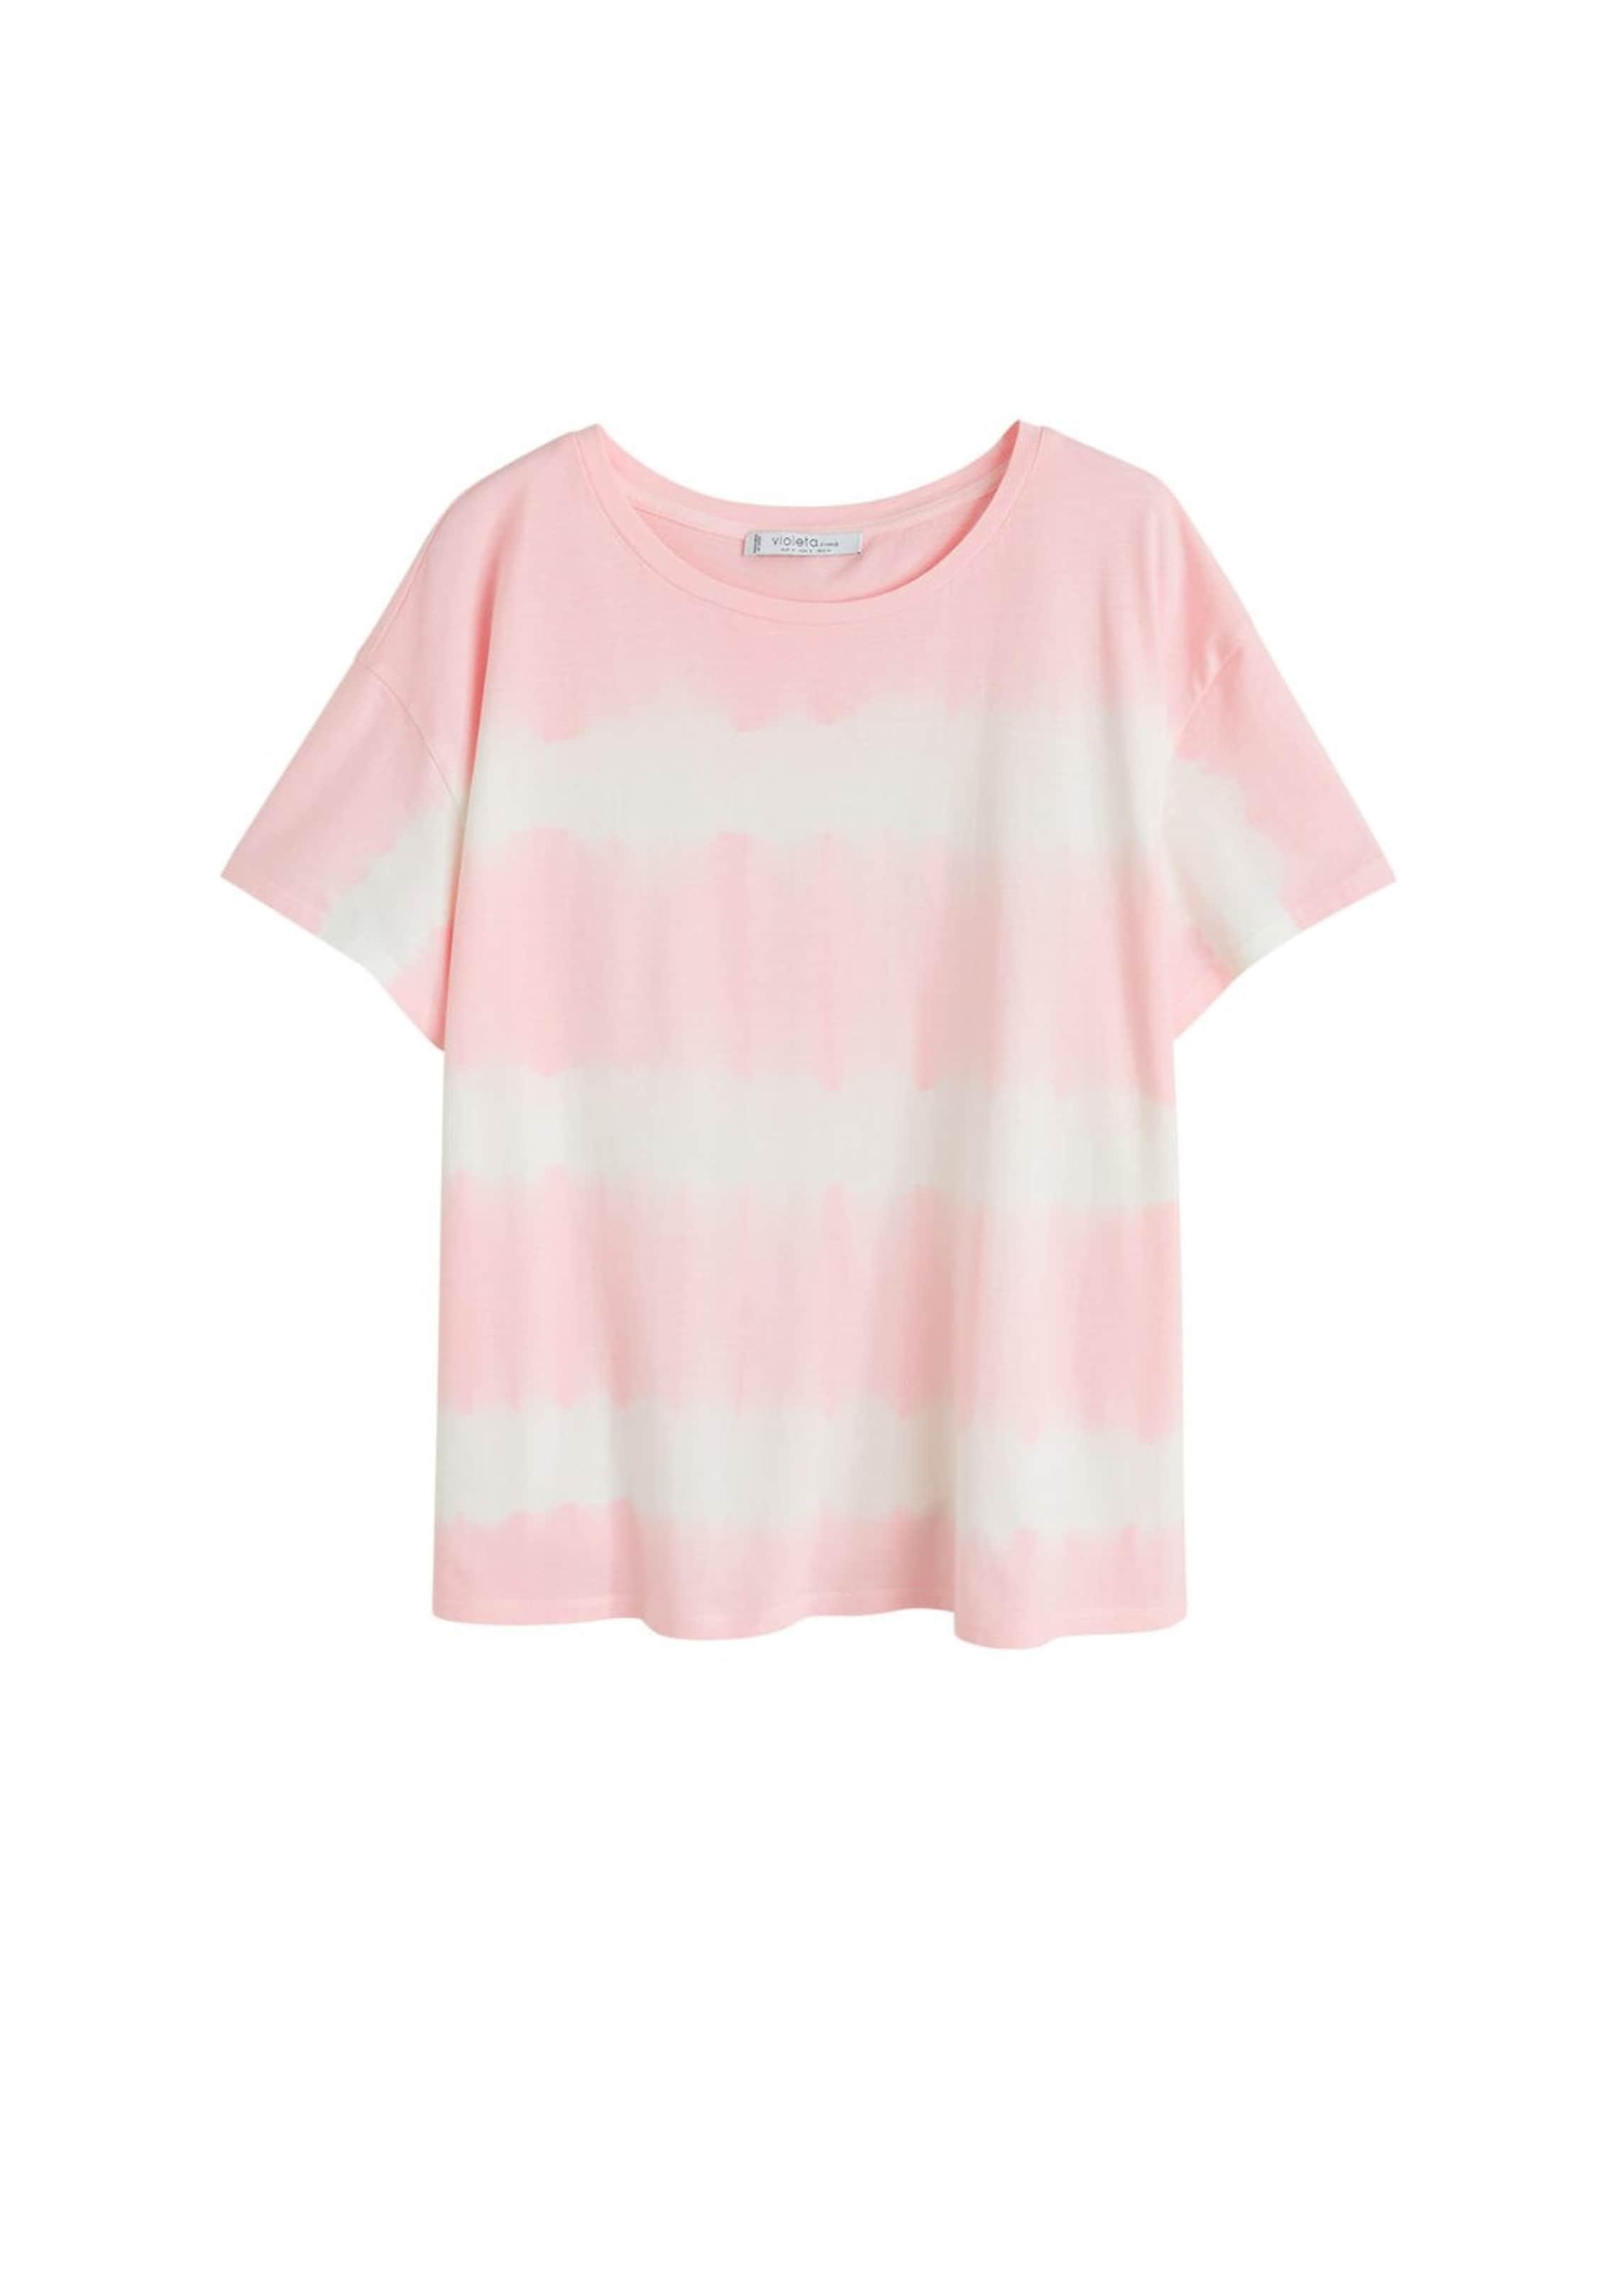 T HellpinkWeiß 'roseta' In By shirt Mango Violeta w0Nnm8